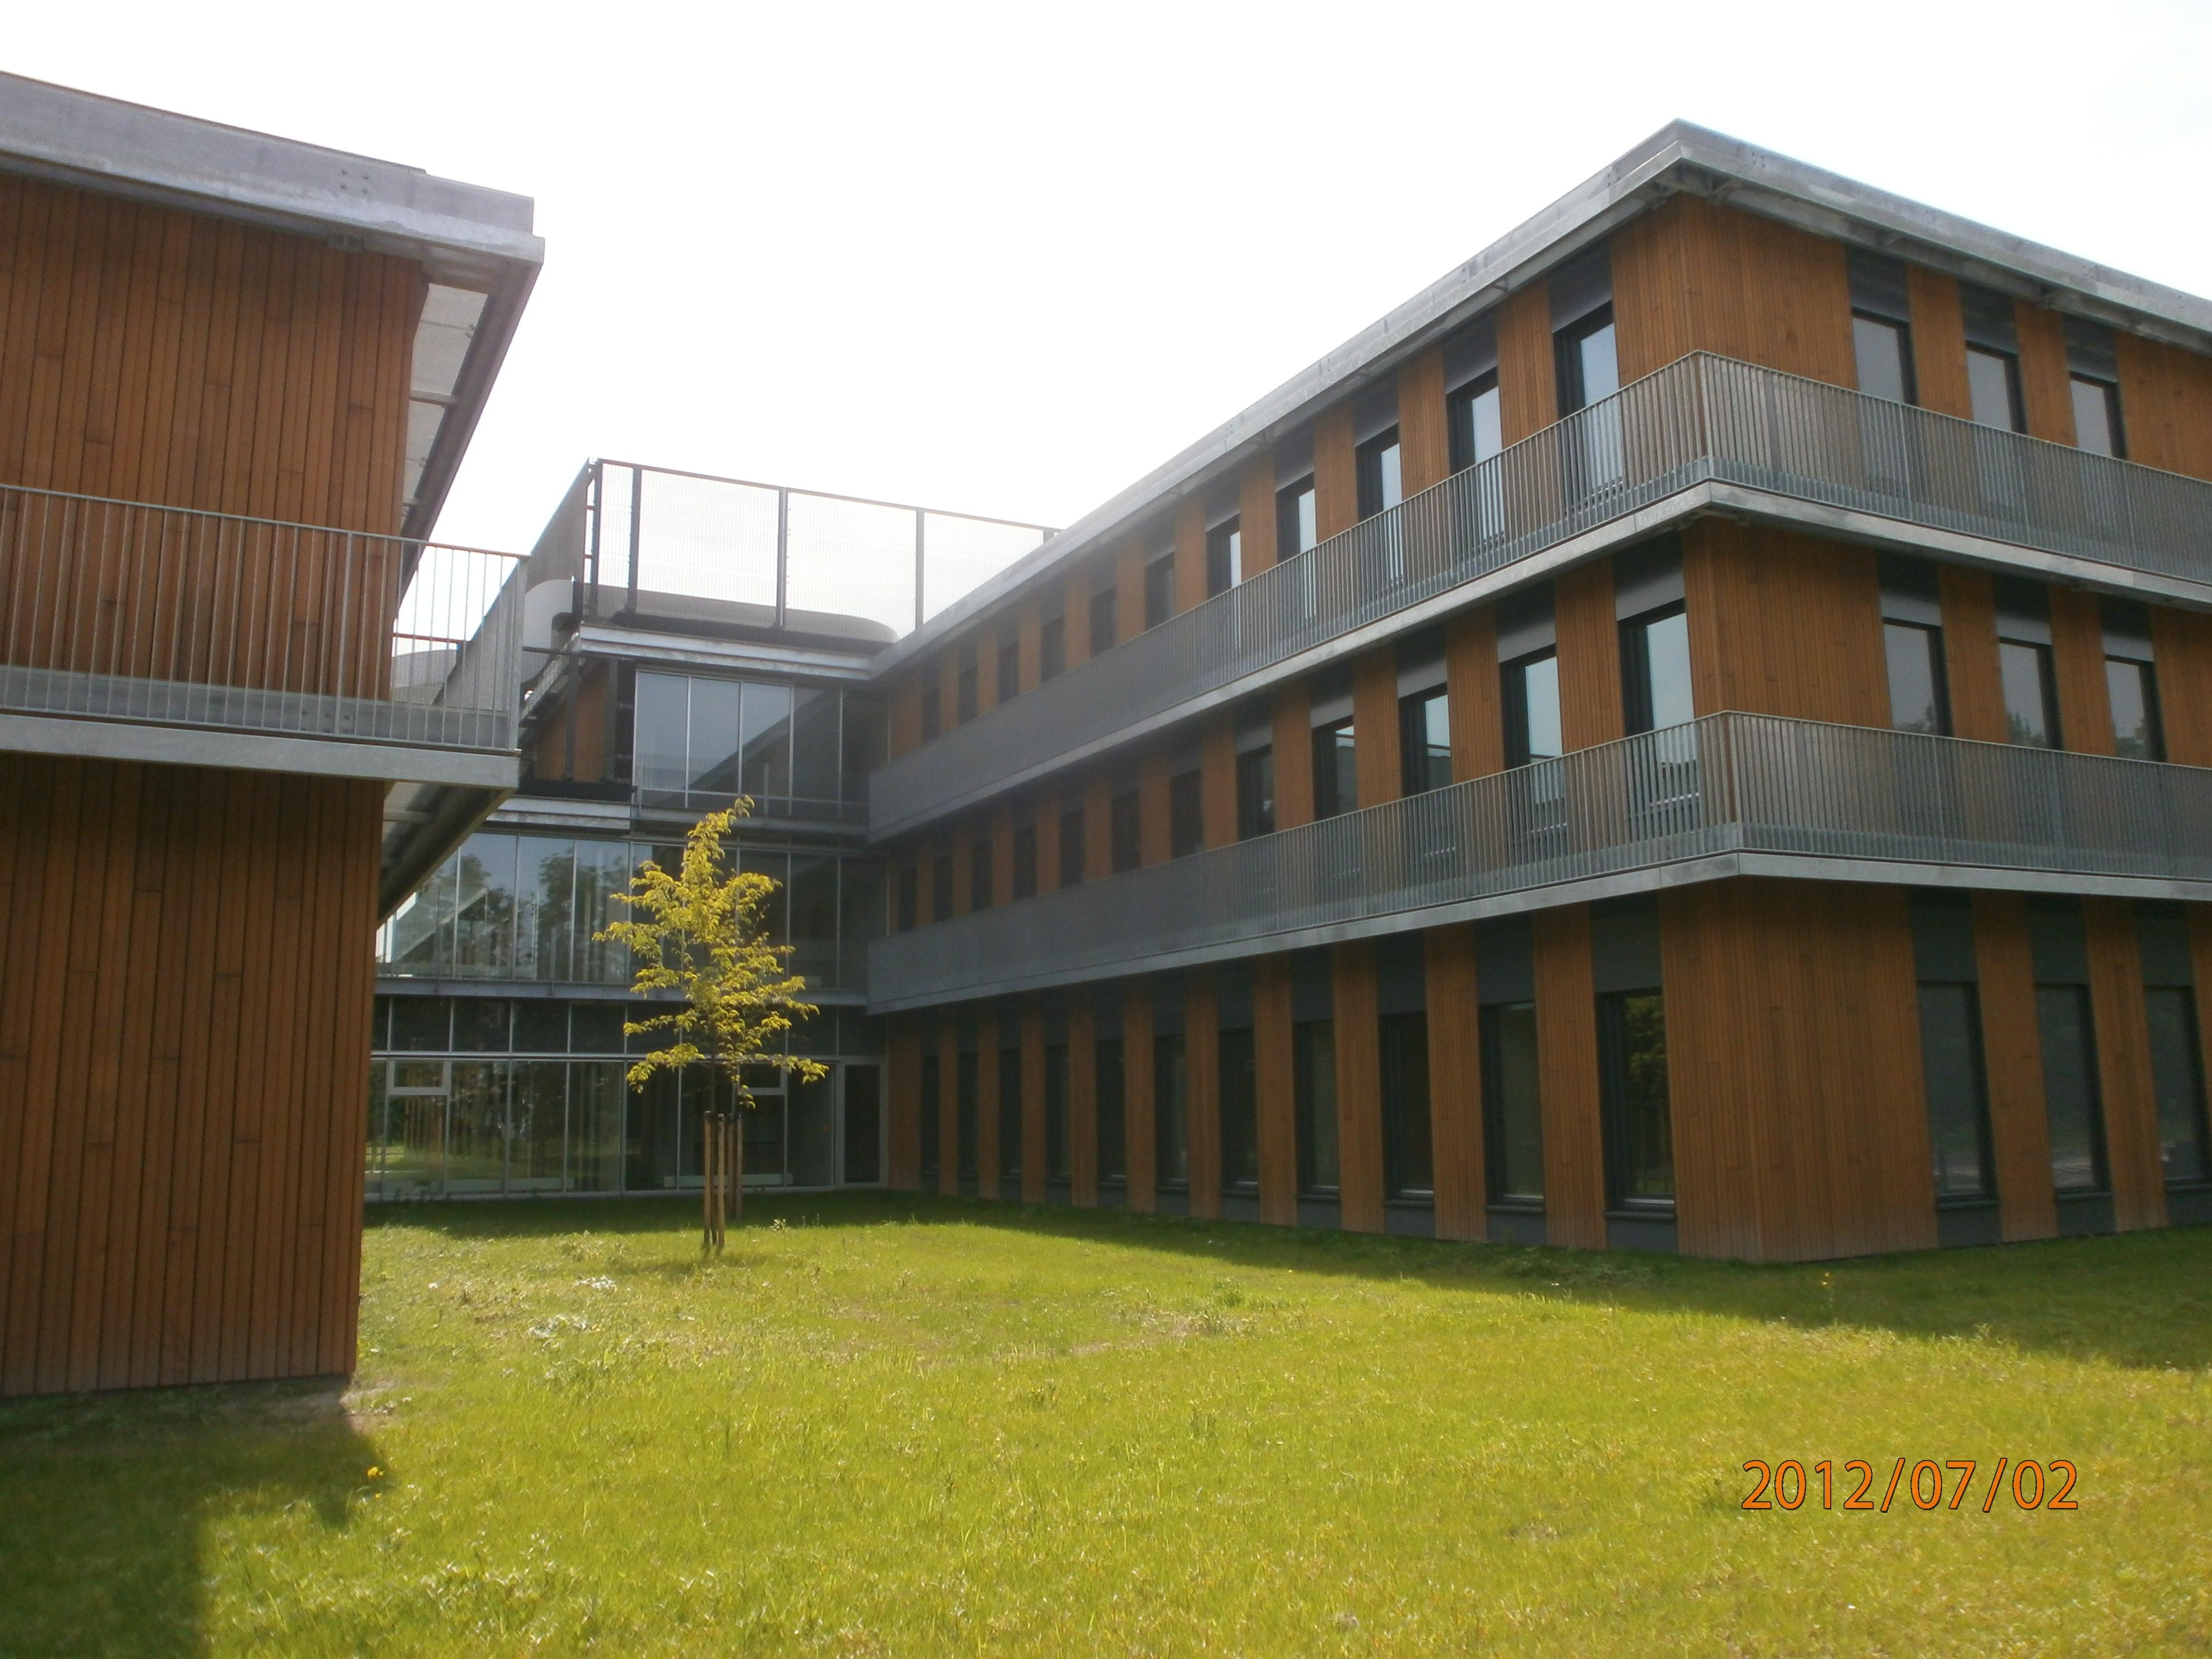 Wonen in een nieuw zorgcomplex te vlaardingen interveste for Direct wonen rotterdam